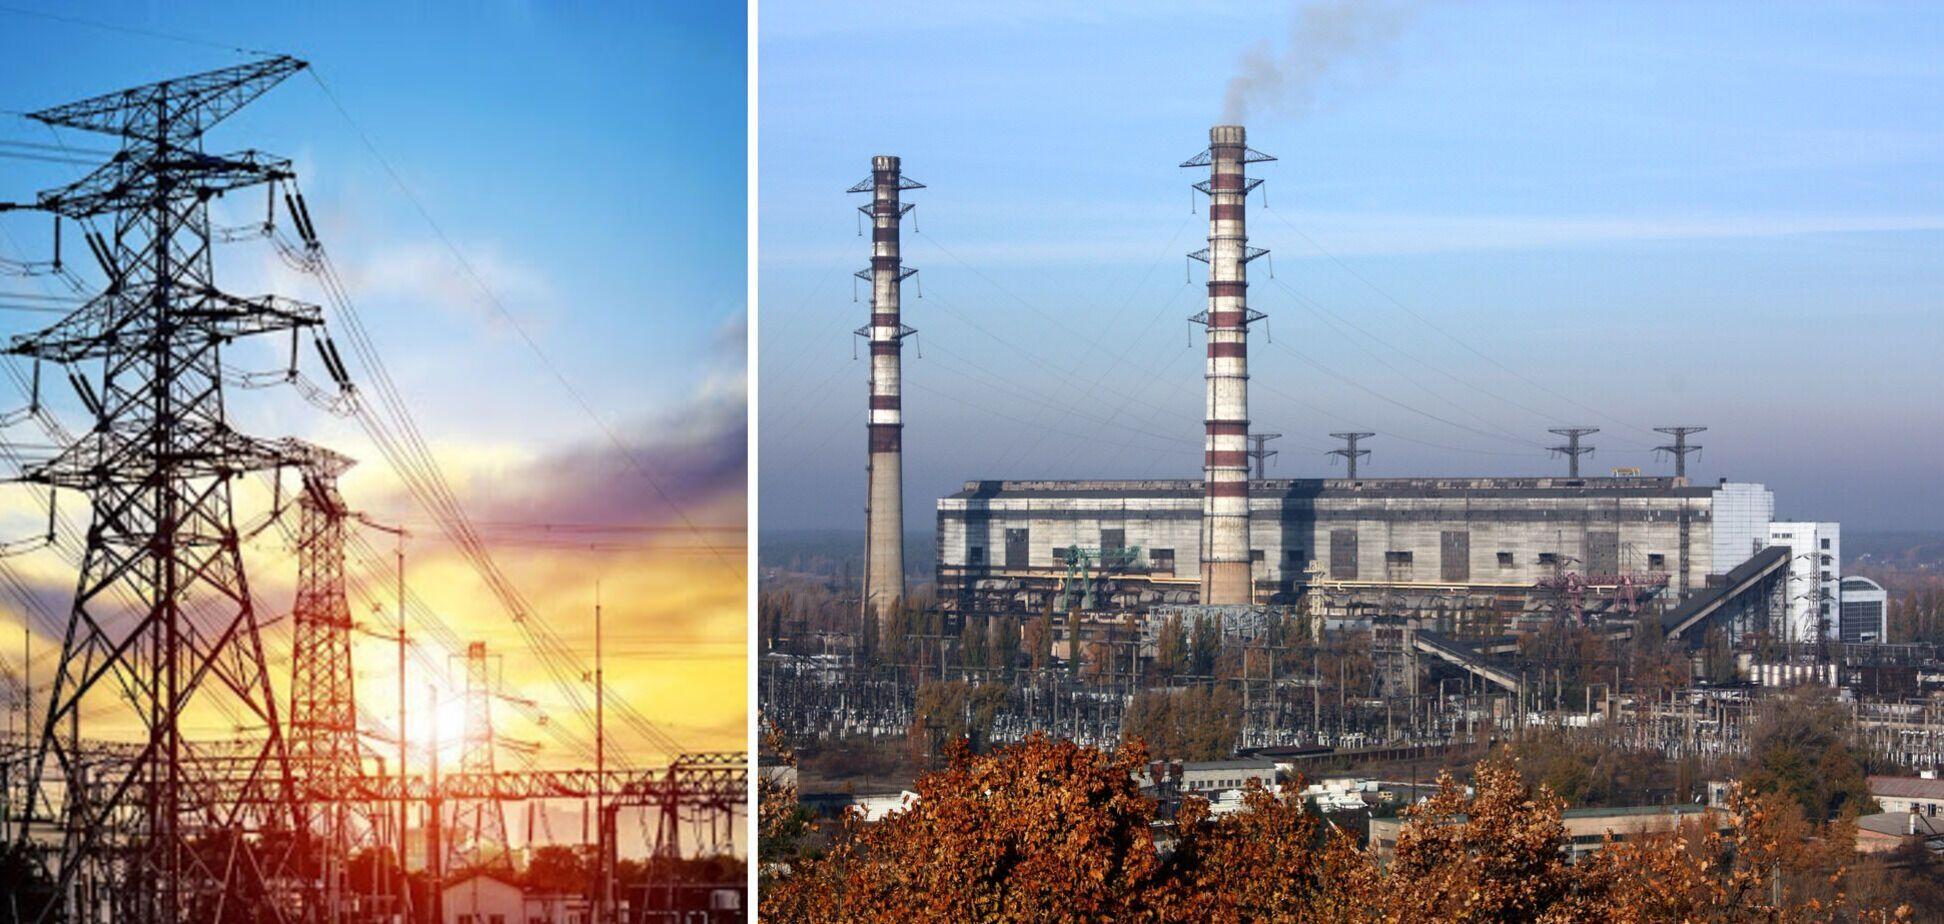 Повышение тарифа на передачу электроэнергии углубит кризис в промышленности, – эксперт